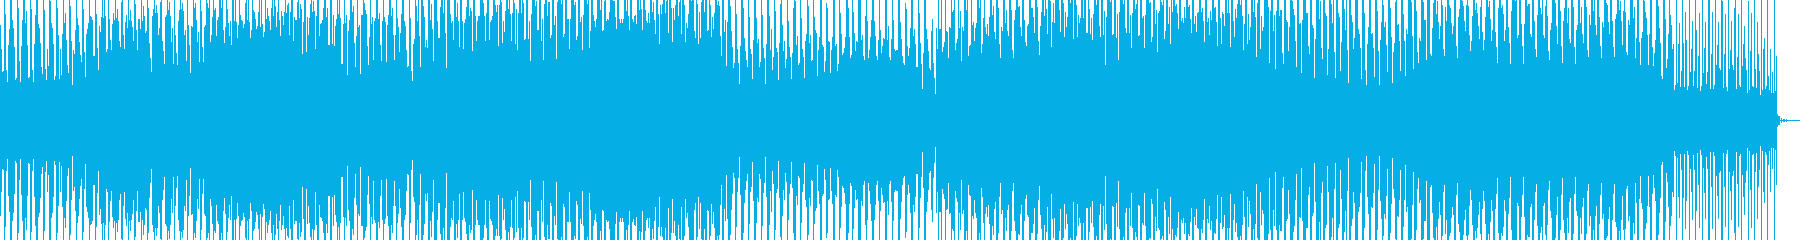 夏/海/爽快感/ハウスの再生済みの波形